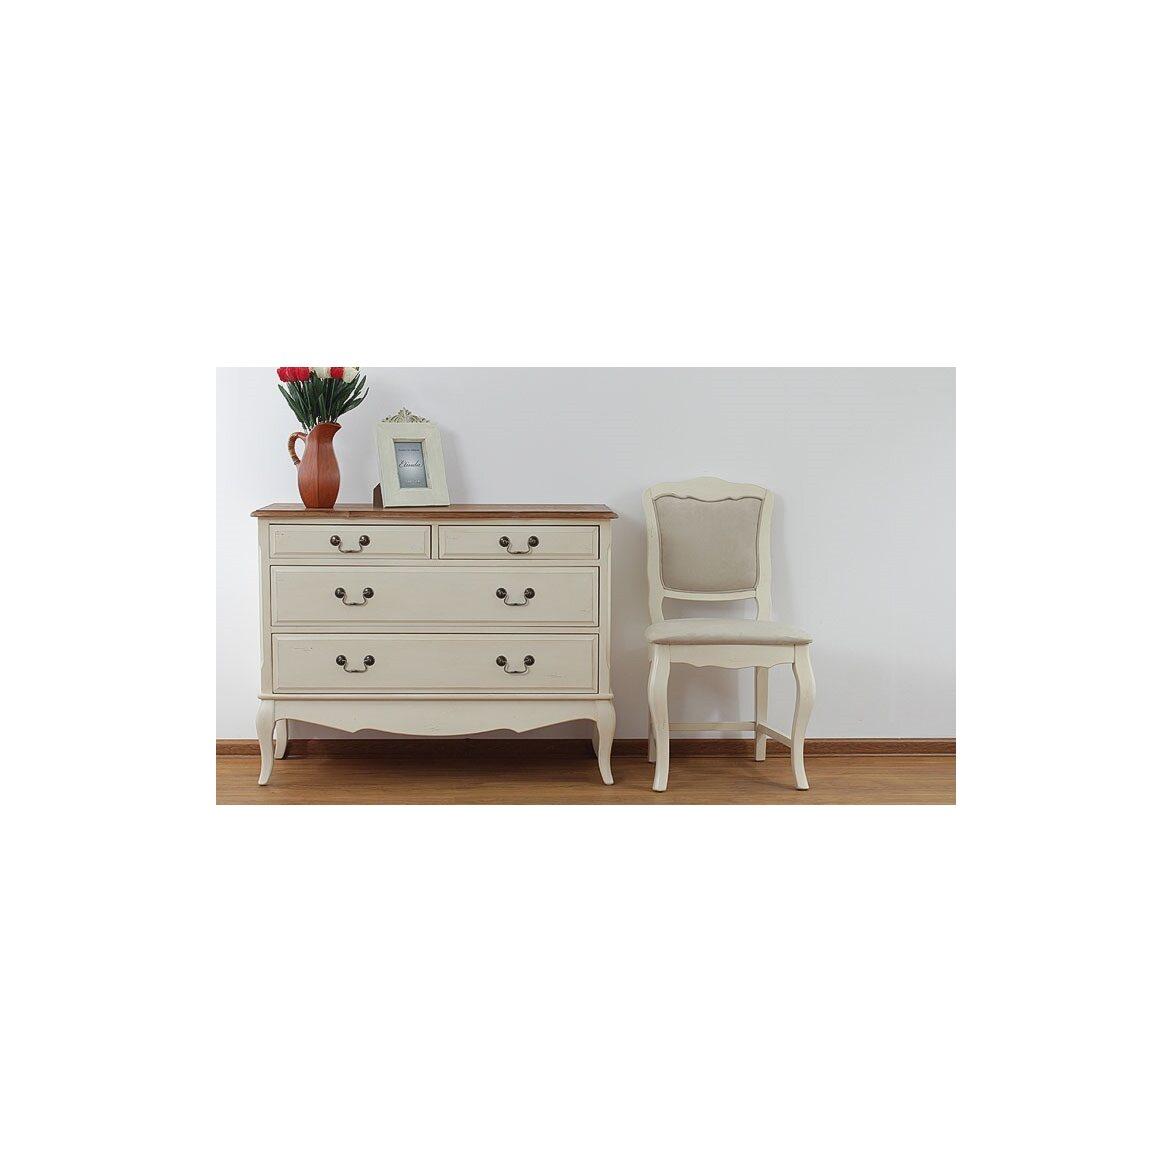 Стул с мягким сиденьем Leontina, бежевого цвета 9 | Обеденные стулья Kingsby